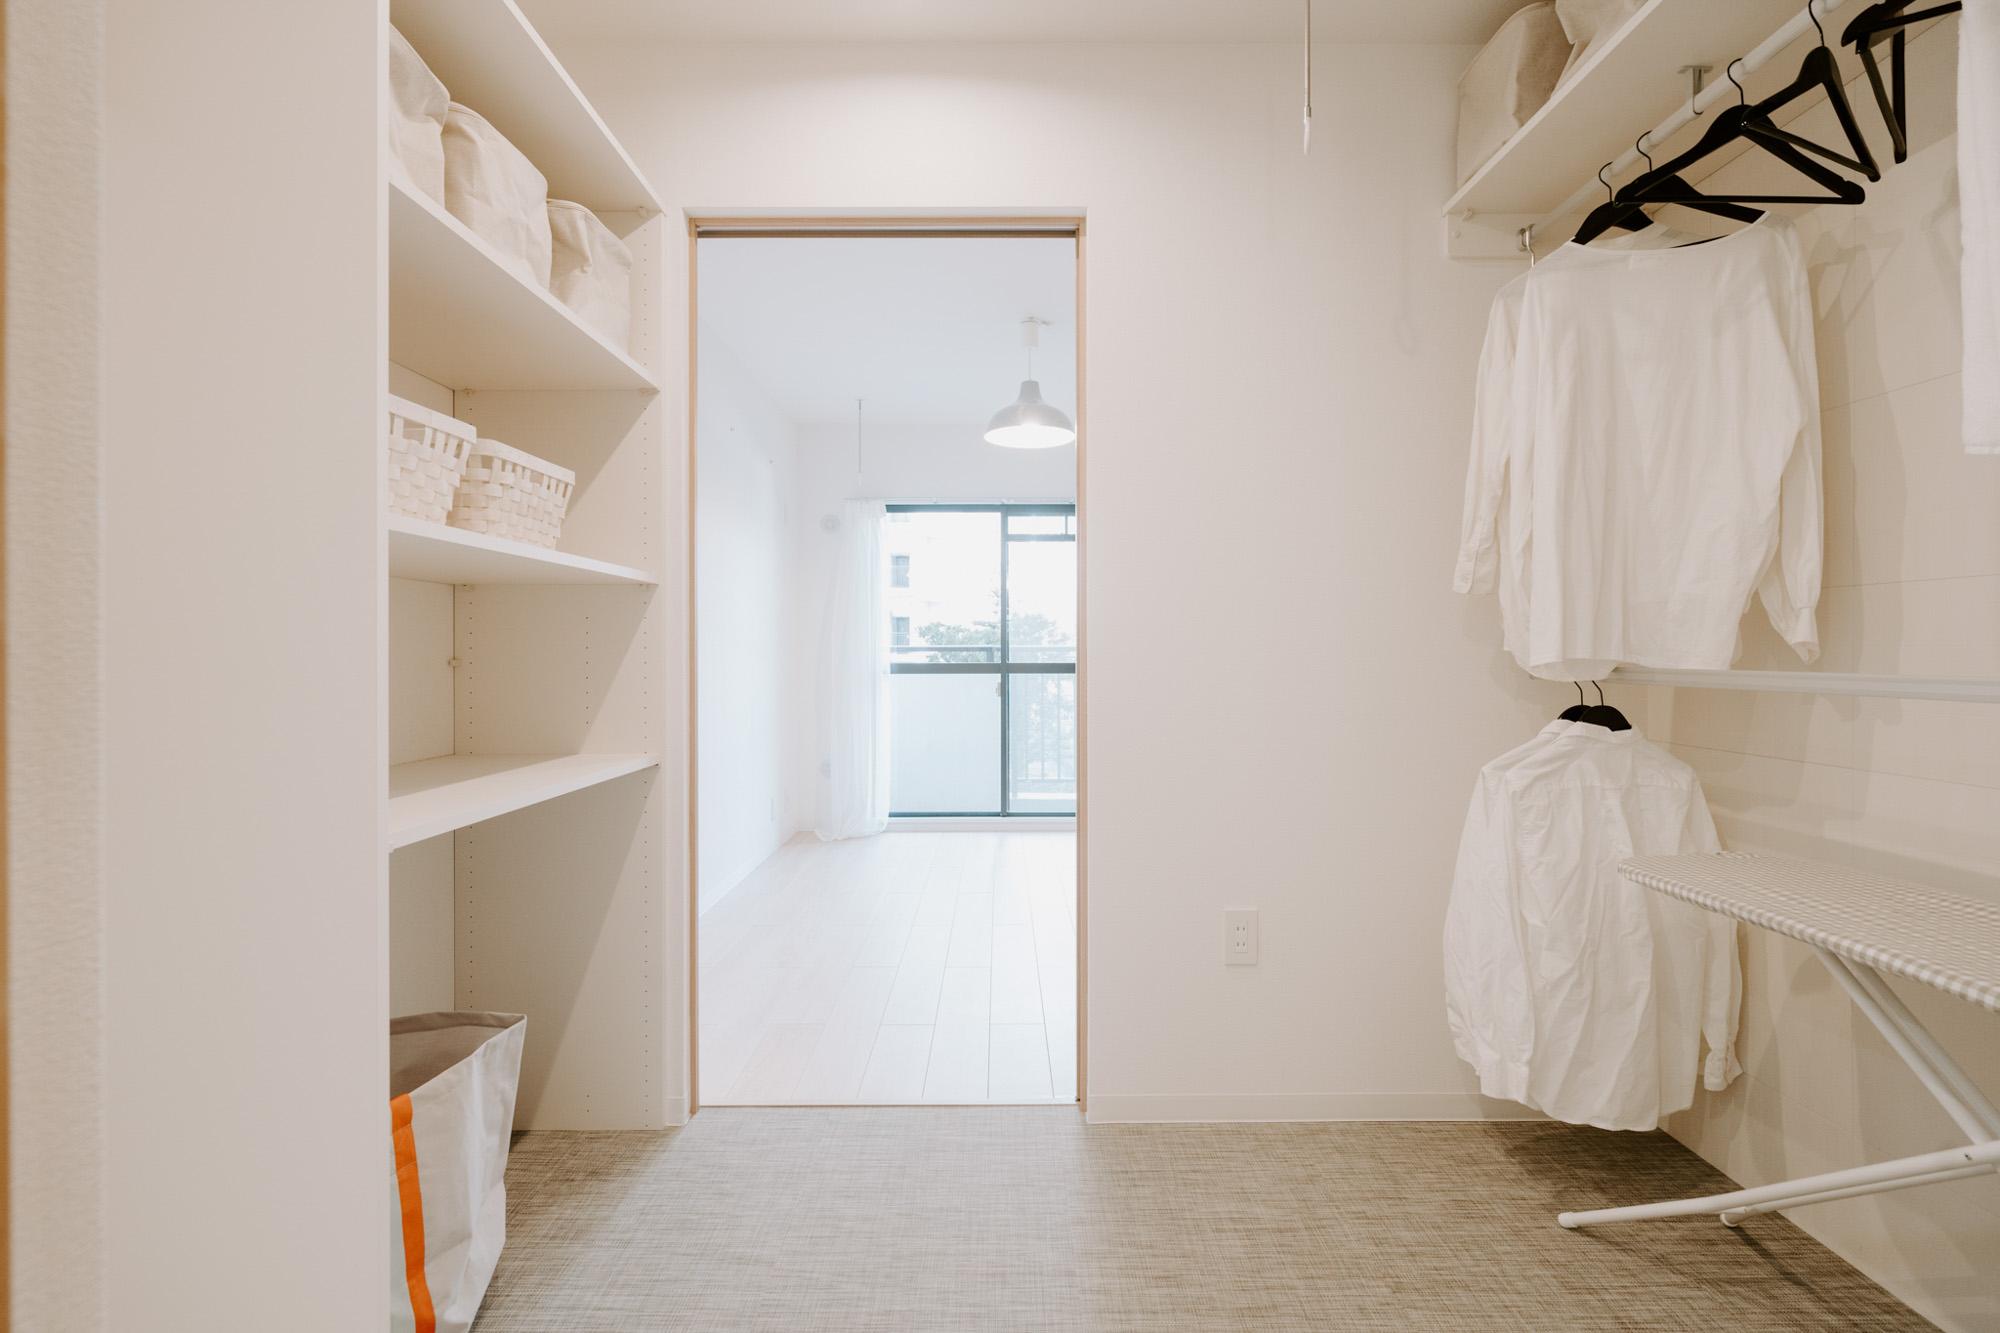 そしてこのお部屋の最大の特徴は、居室からも洗面所からもアクセスできる「ランドリーコーナー」。